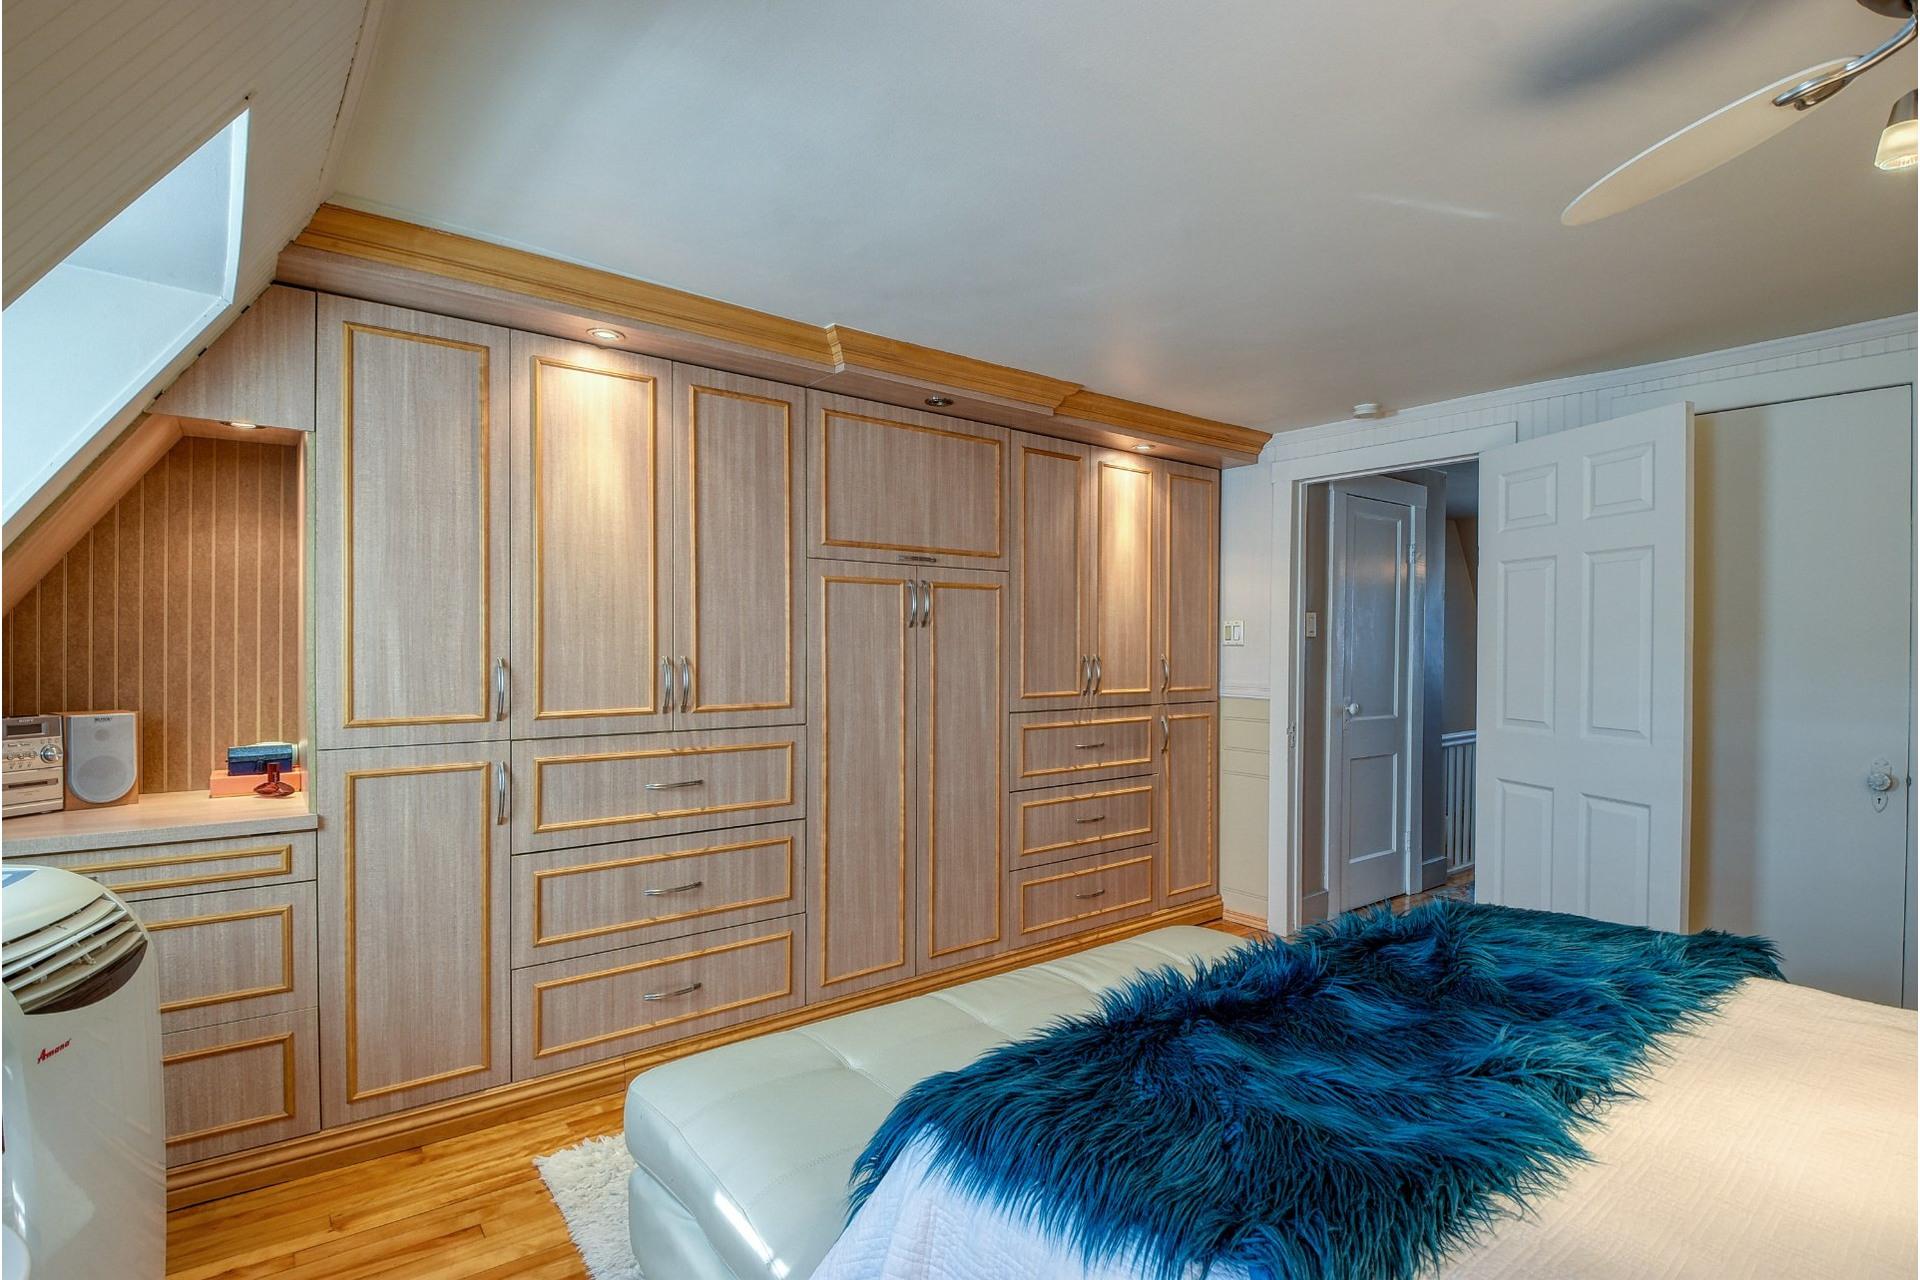 image 15 - Duplex For sale Lachine Montréal  - 5 rooms